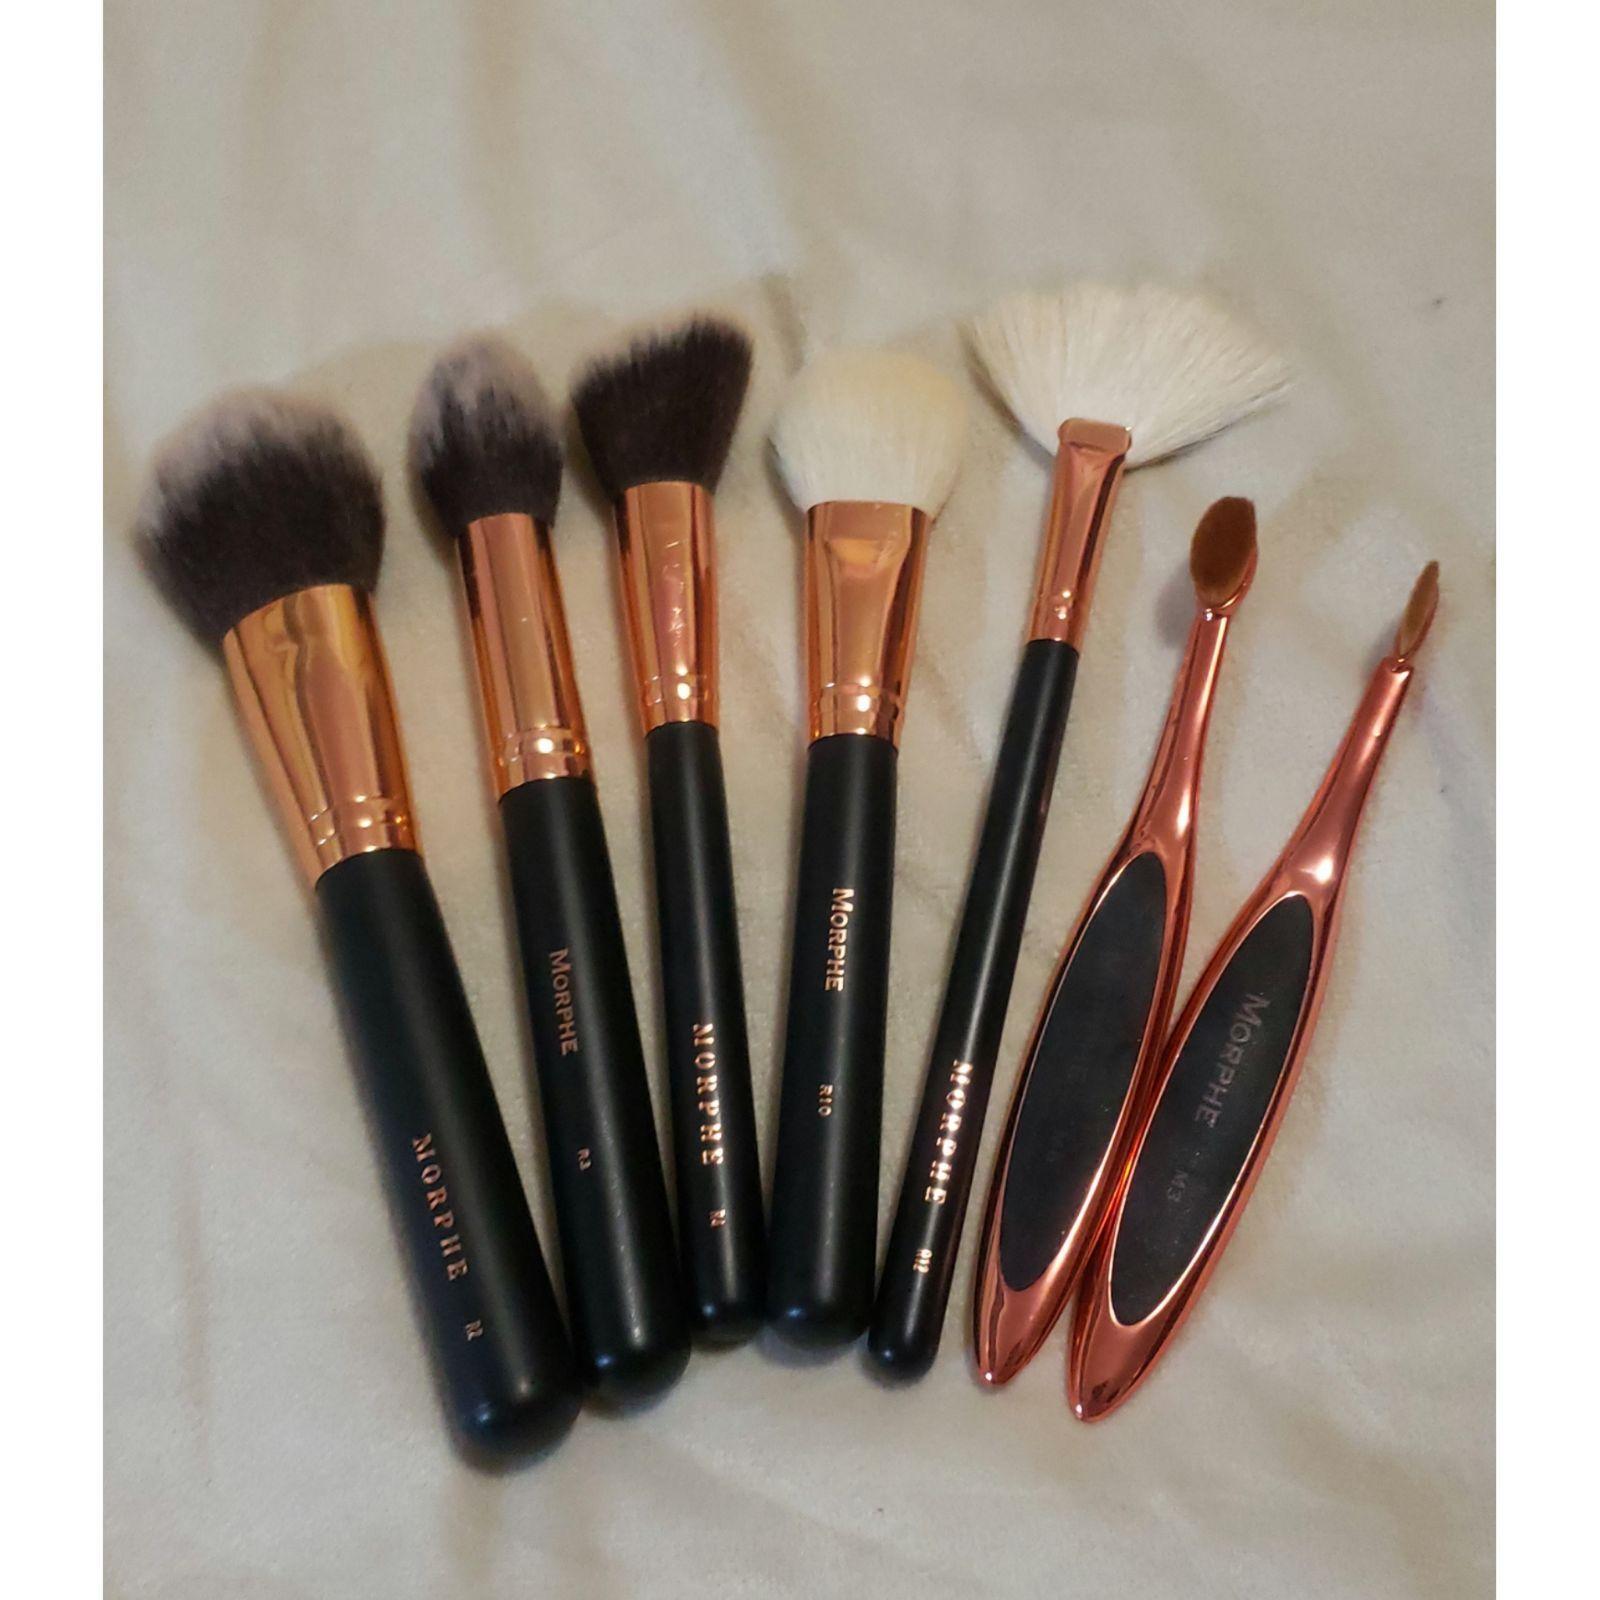 7 morphe brushes. rose gold and black highlighting fan